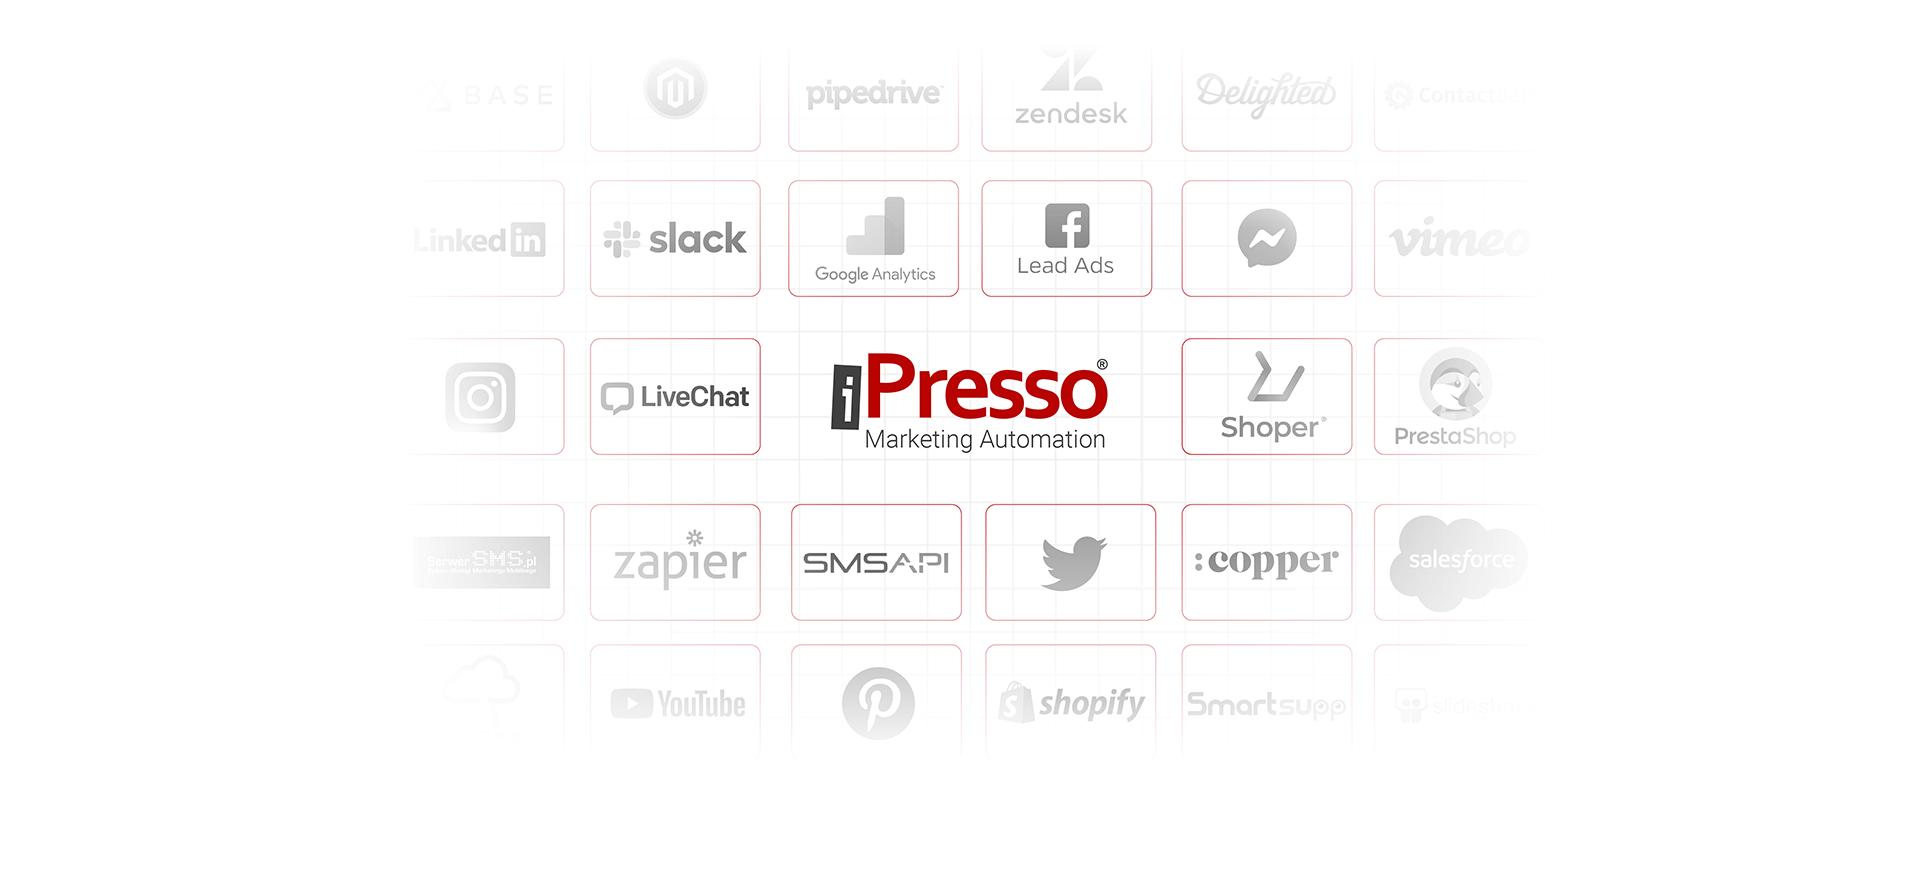 iPresso integracje